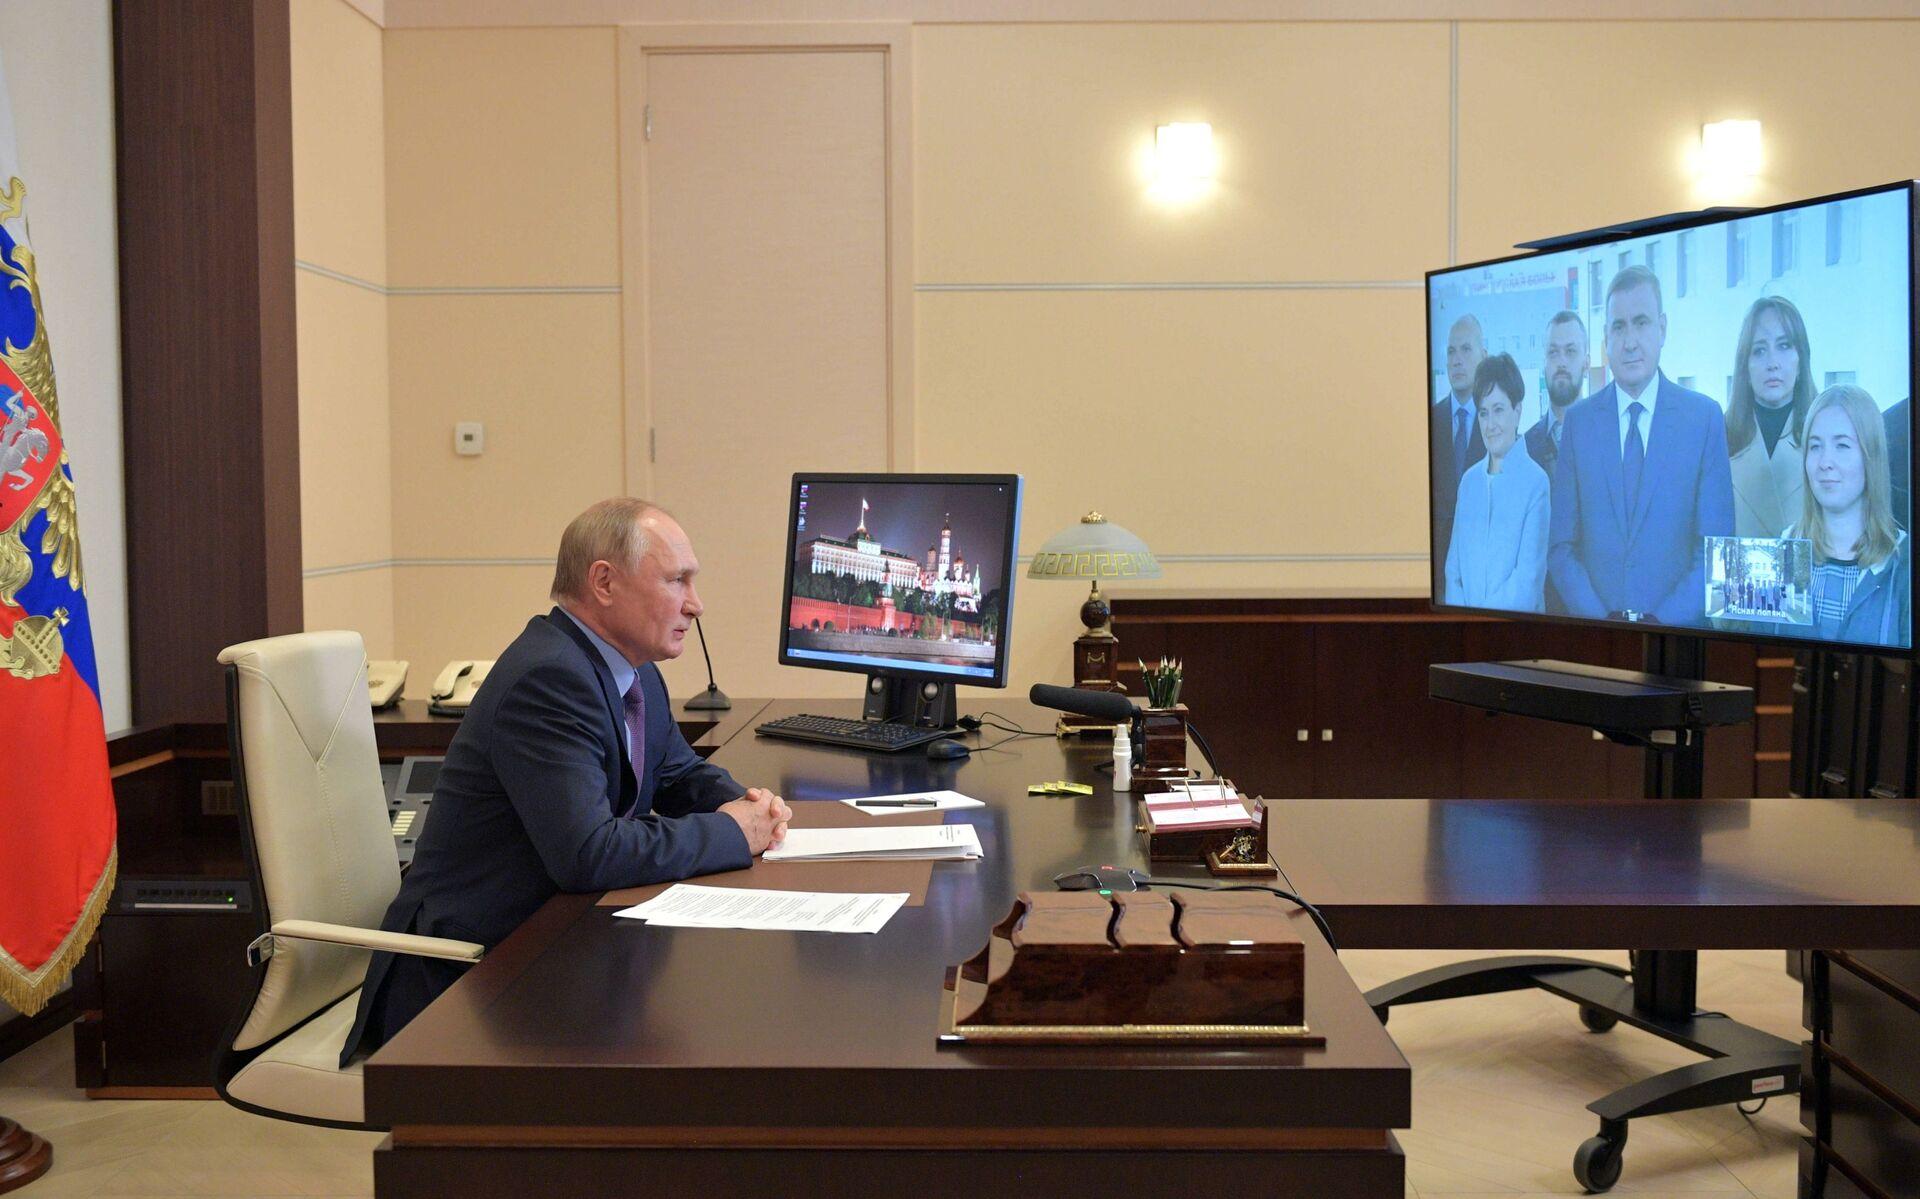 Sau khi tự cách ly chống Covid, Tổng thống Putin tiếp tục làm việc theo chế độ trực tuyến - Sputnik Việt Nam, 1920, 05.10.2021